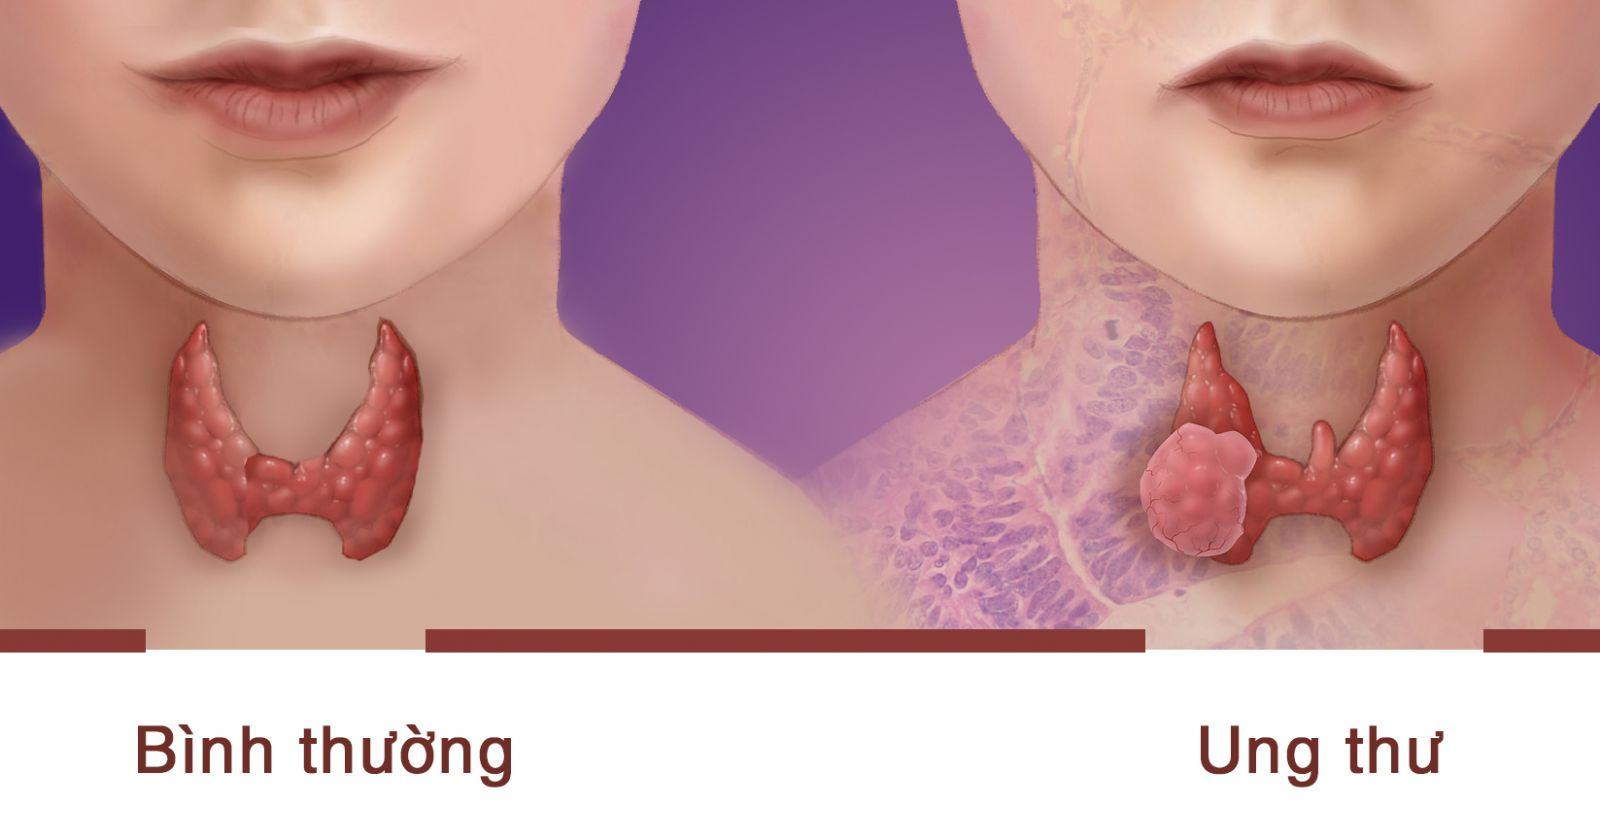 Kết quả hình ảnh cho ung thư tuyến giáp